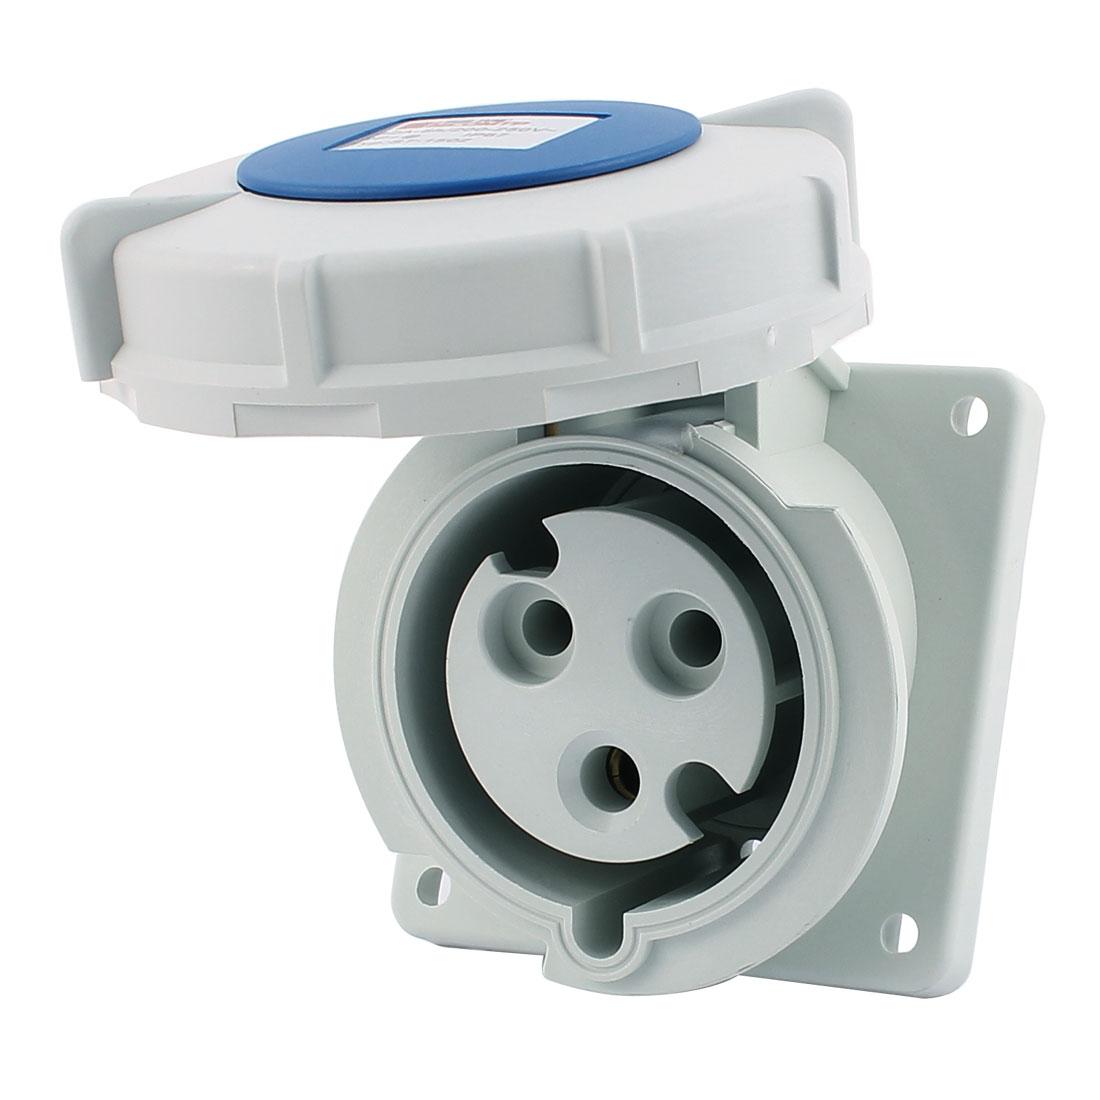 AC 200V-250V 32A IP67 2P+E 3-Terminal Female Industrial Oblique Socket